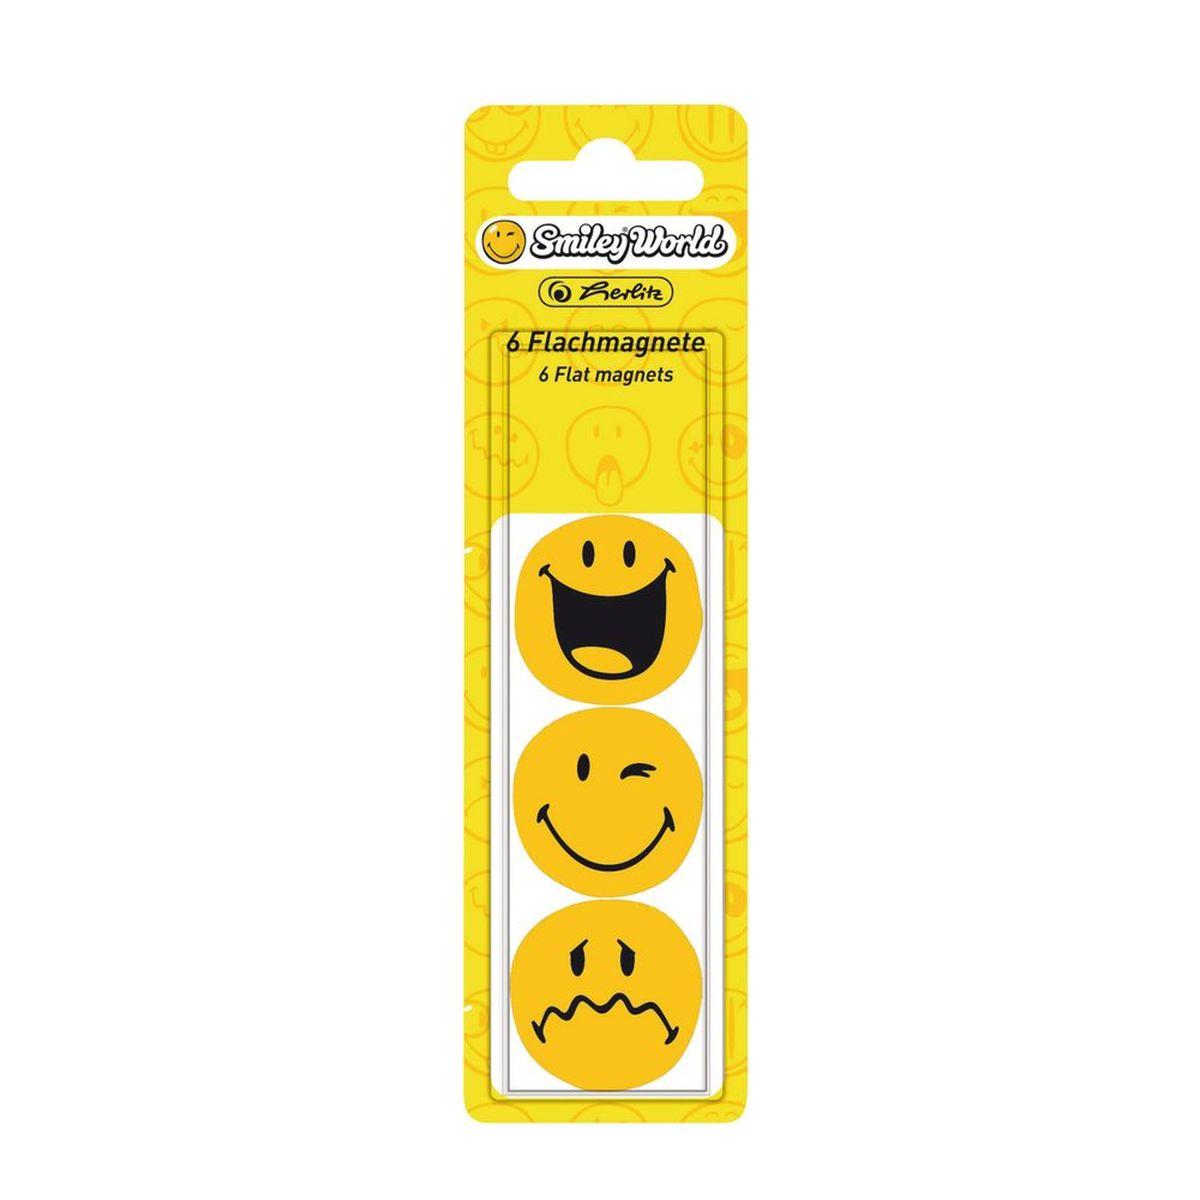 Herlitz Магнит для досок SmileyWorld 6 шт -  Аксессуары для досок и флипчартов